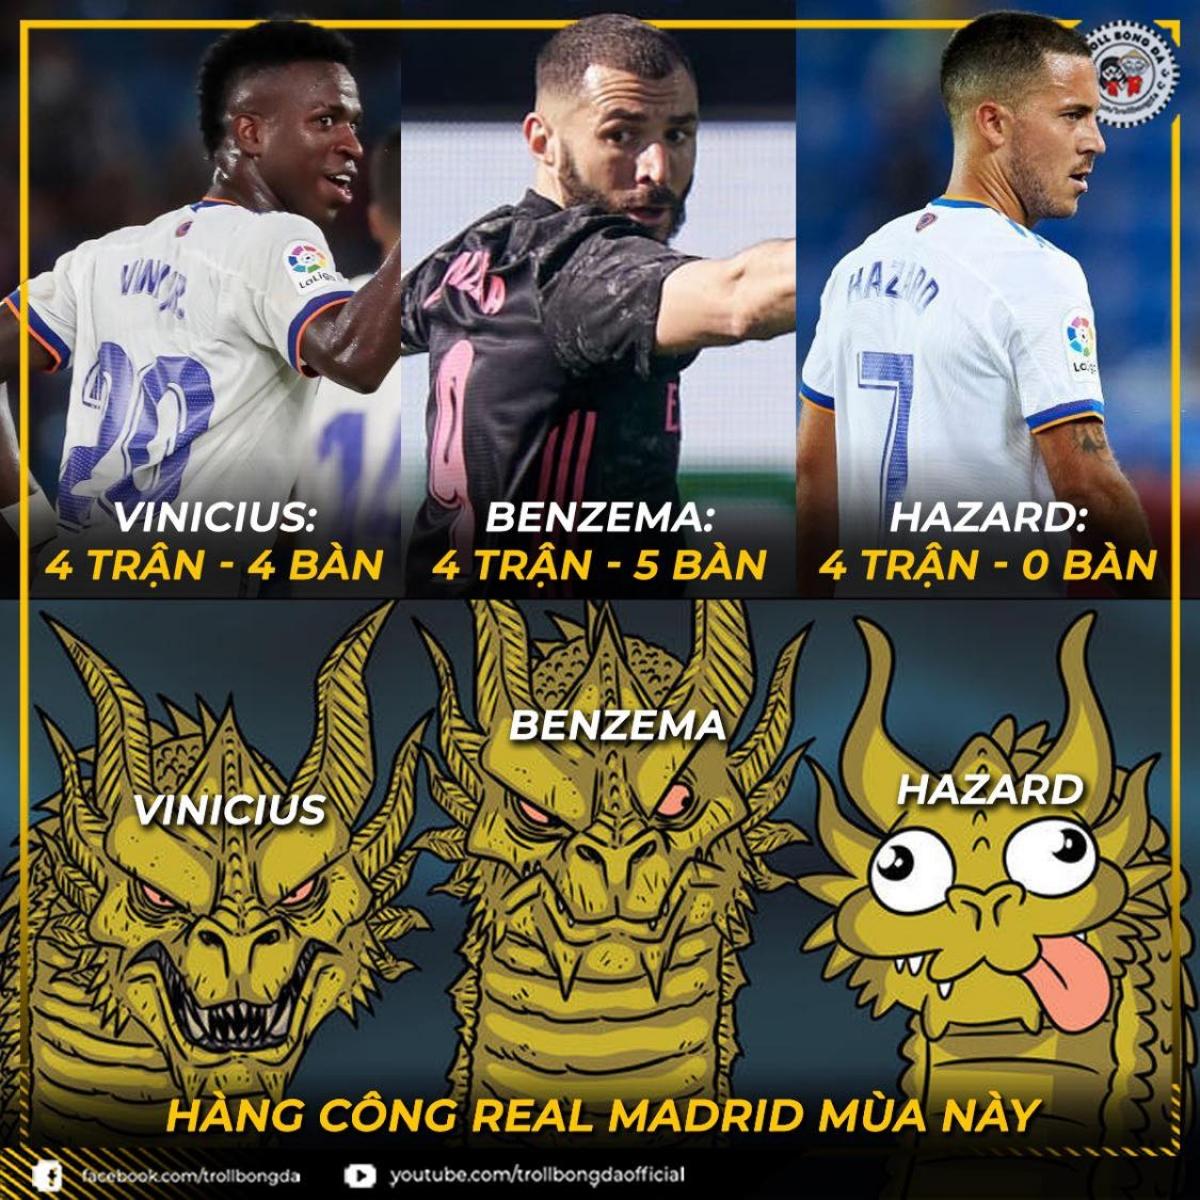 Hàng tấn công của Real Madrid thời điểm hiện tại. (Ảnh: Troll bóng đá).